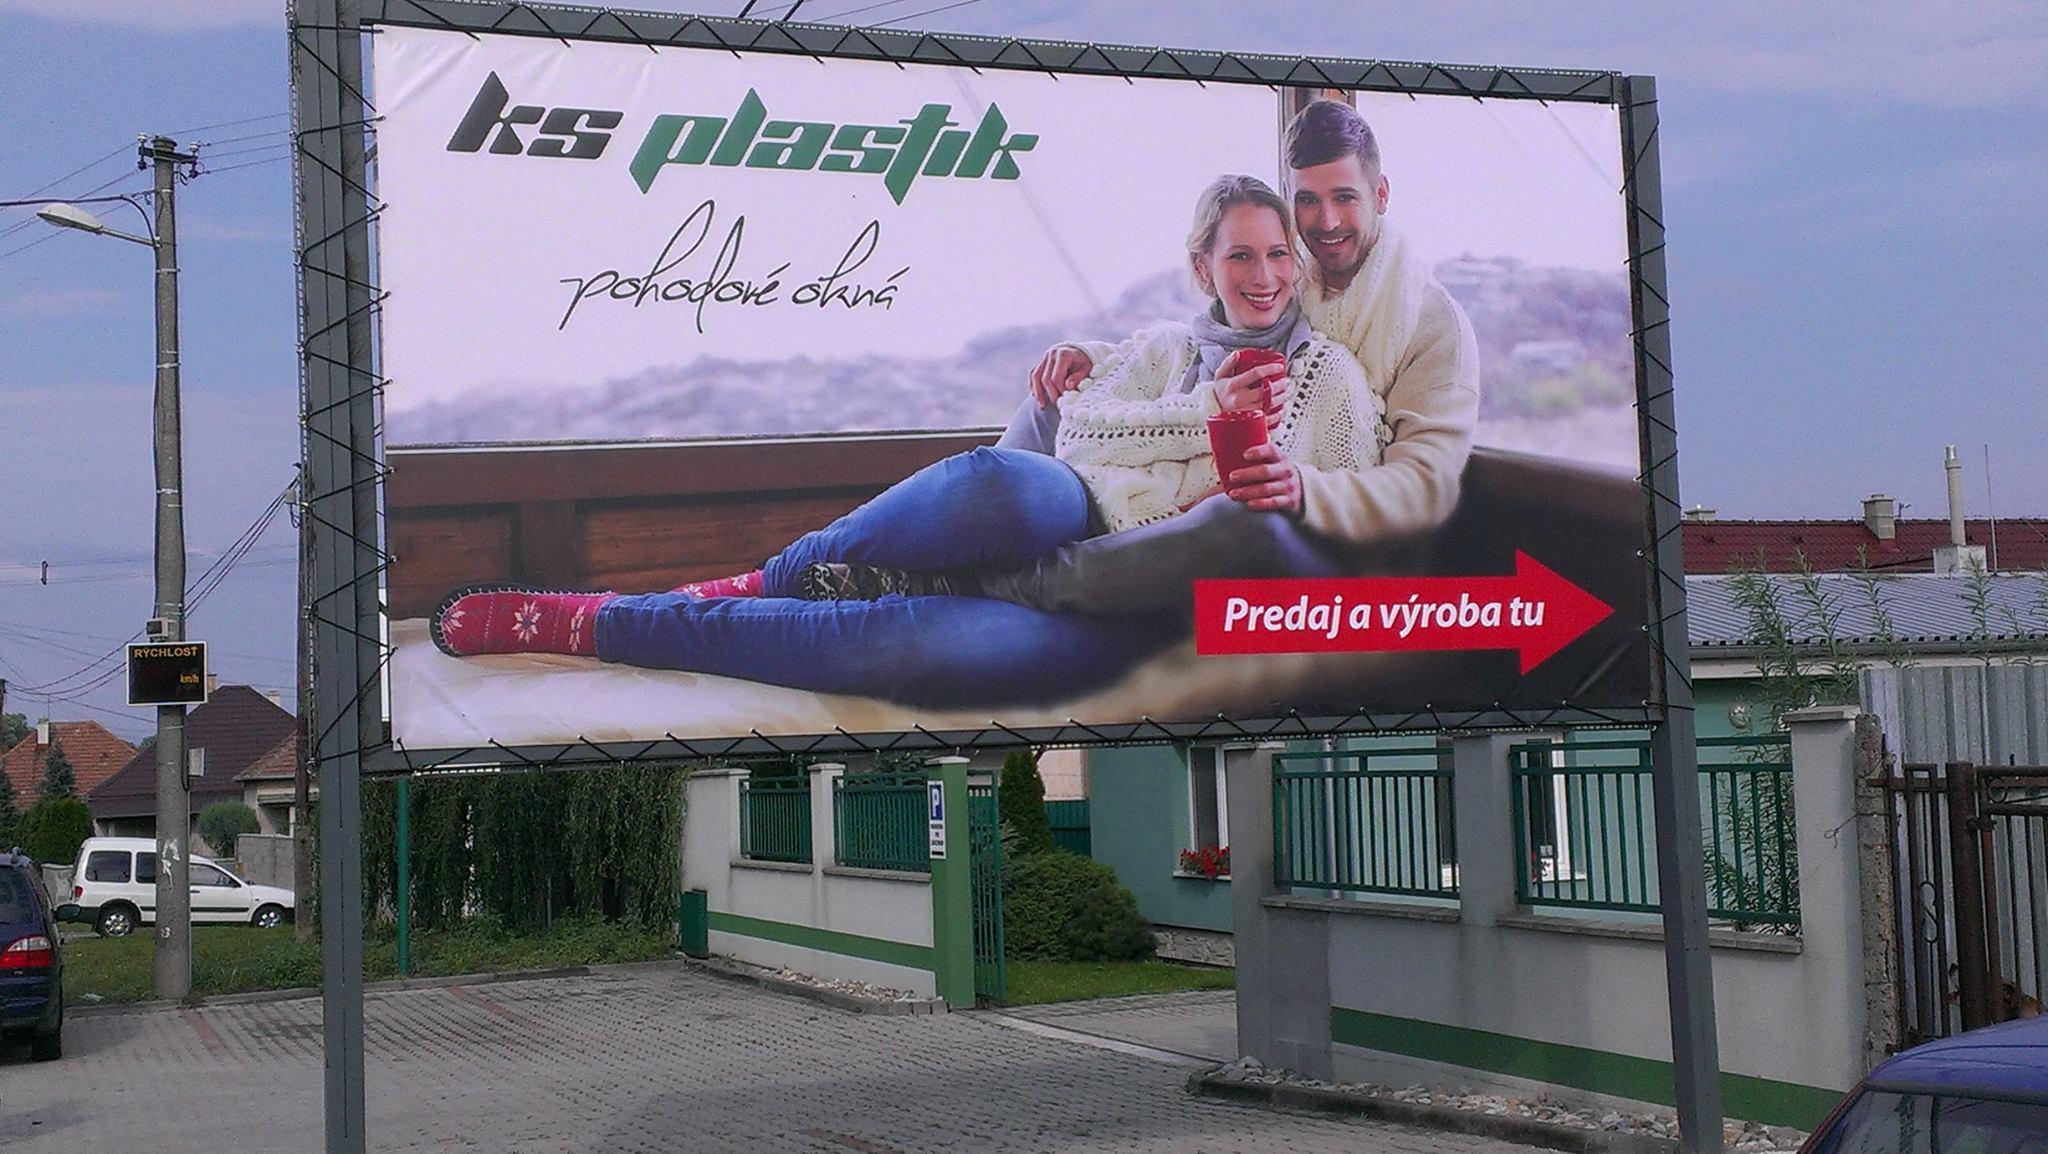 Výroba reklamy FRISO cnc print Topoľčany - Kancelária  1a655417e3f